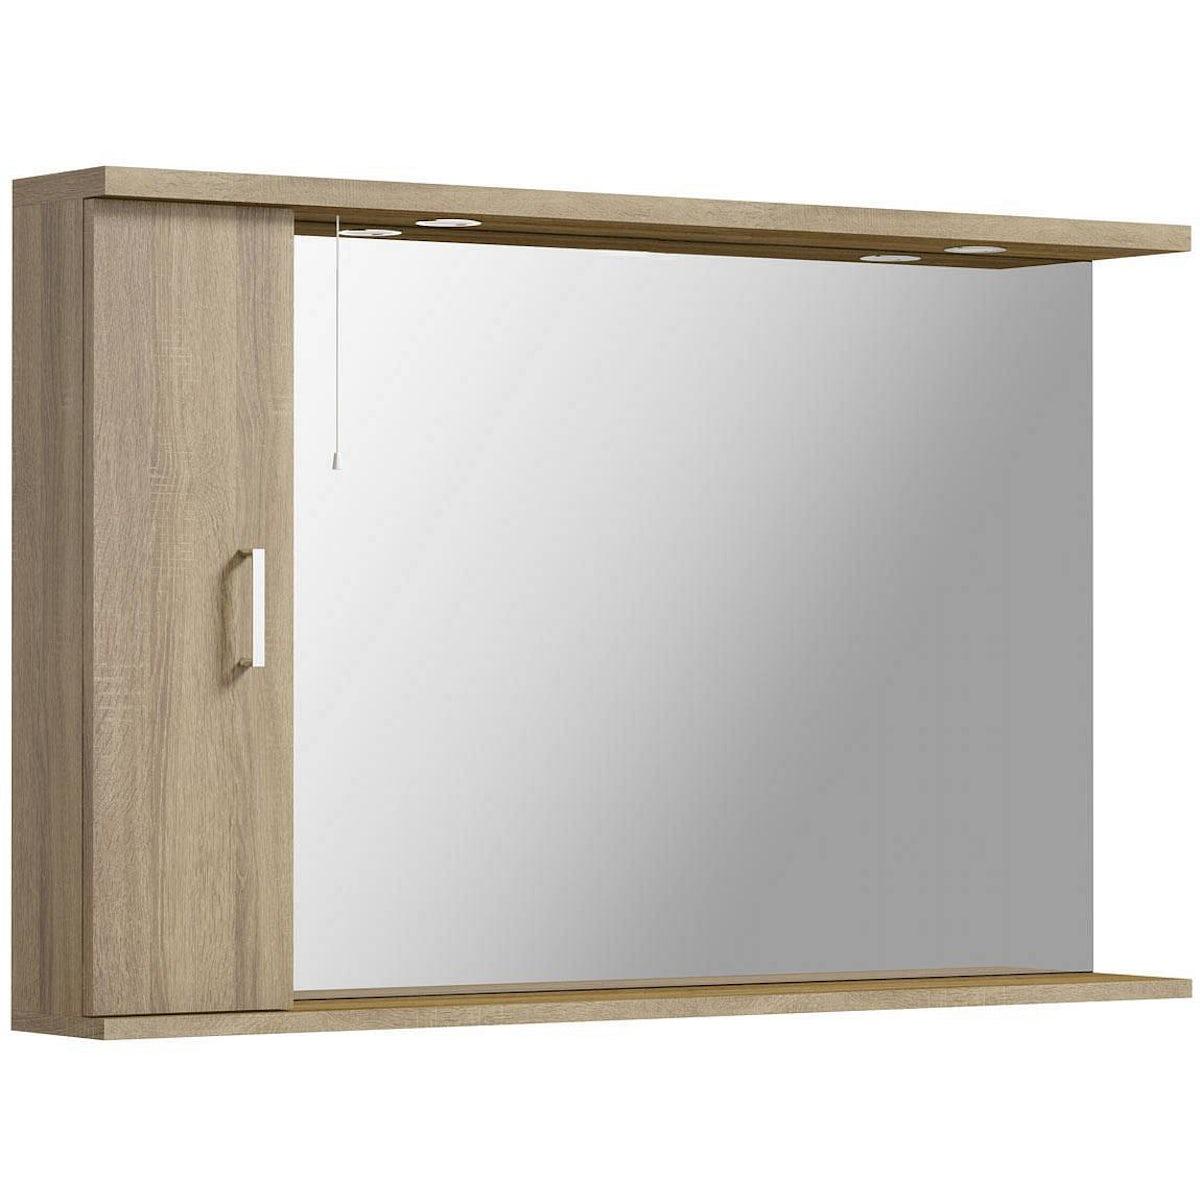 Sienna Oak 120 Mirror With Lights